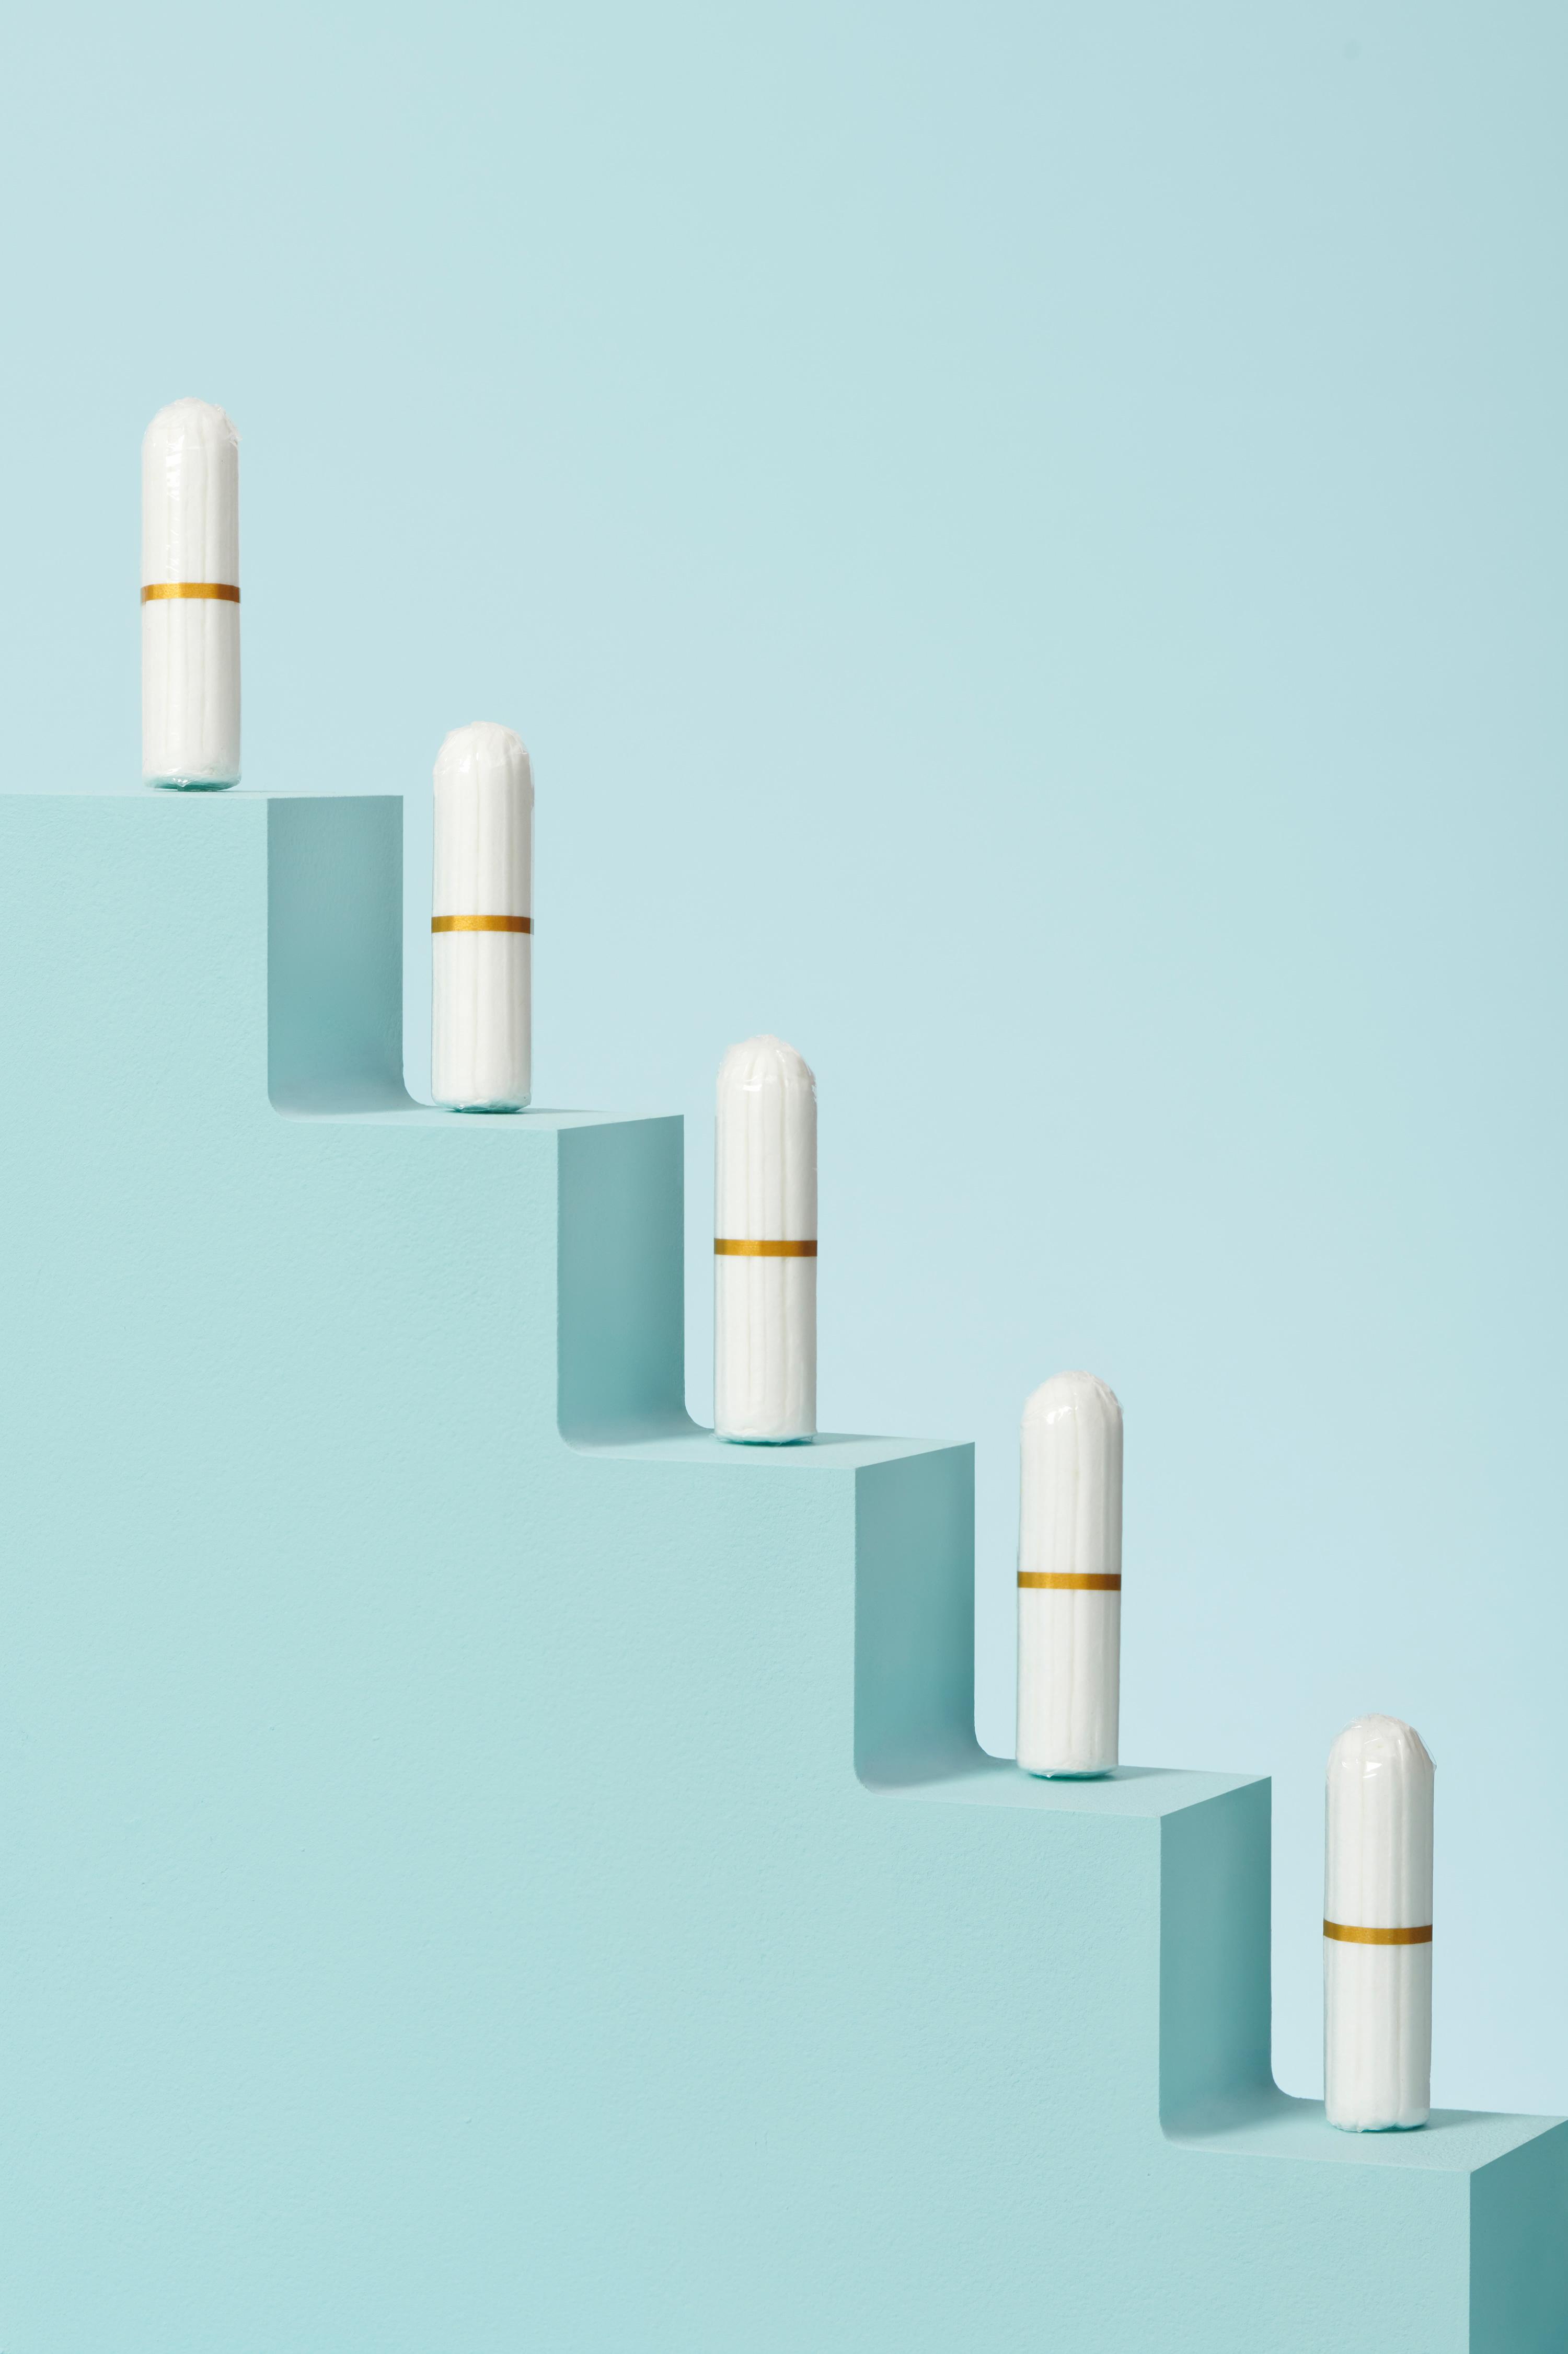 lot de 16 tampons bio pour flux normal - escalier